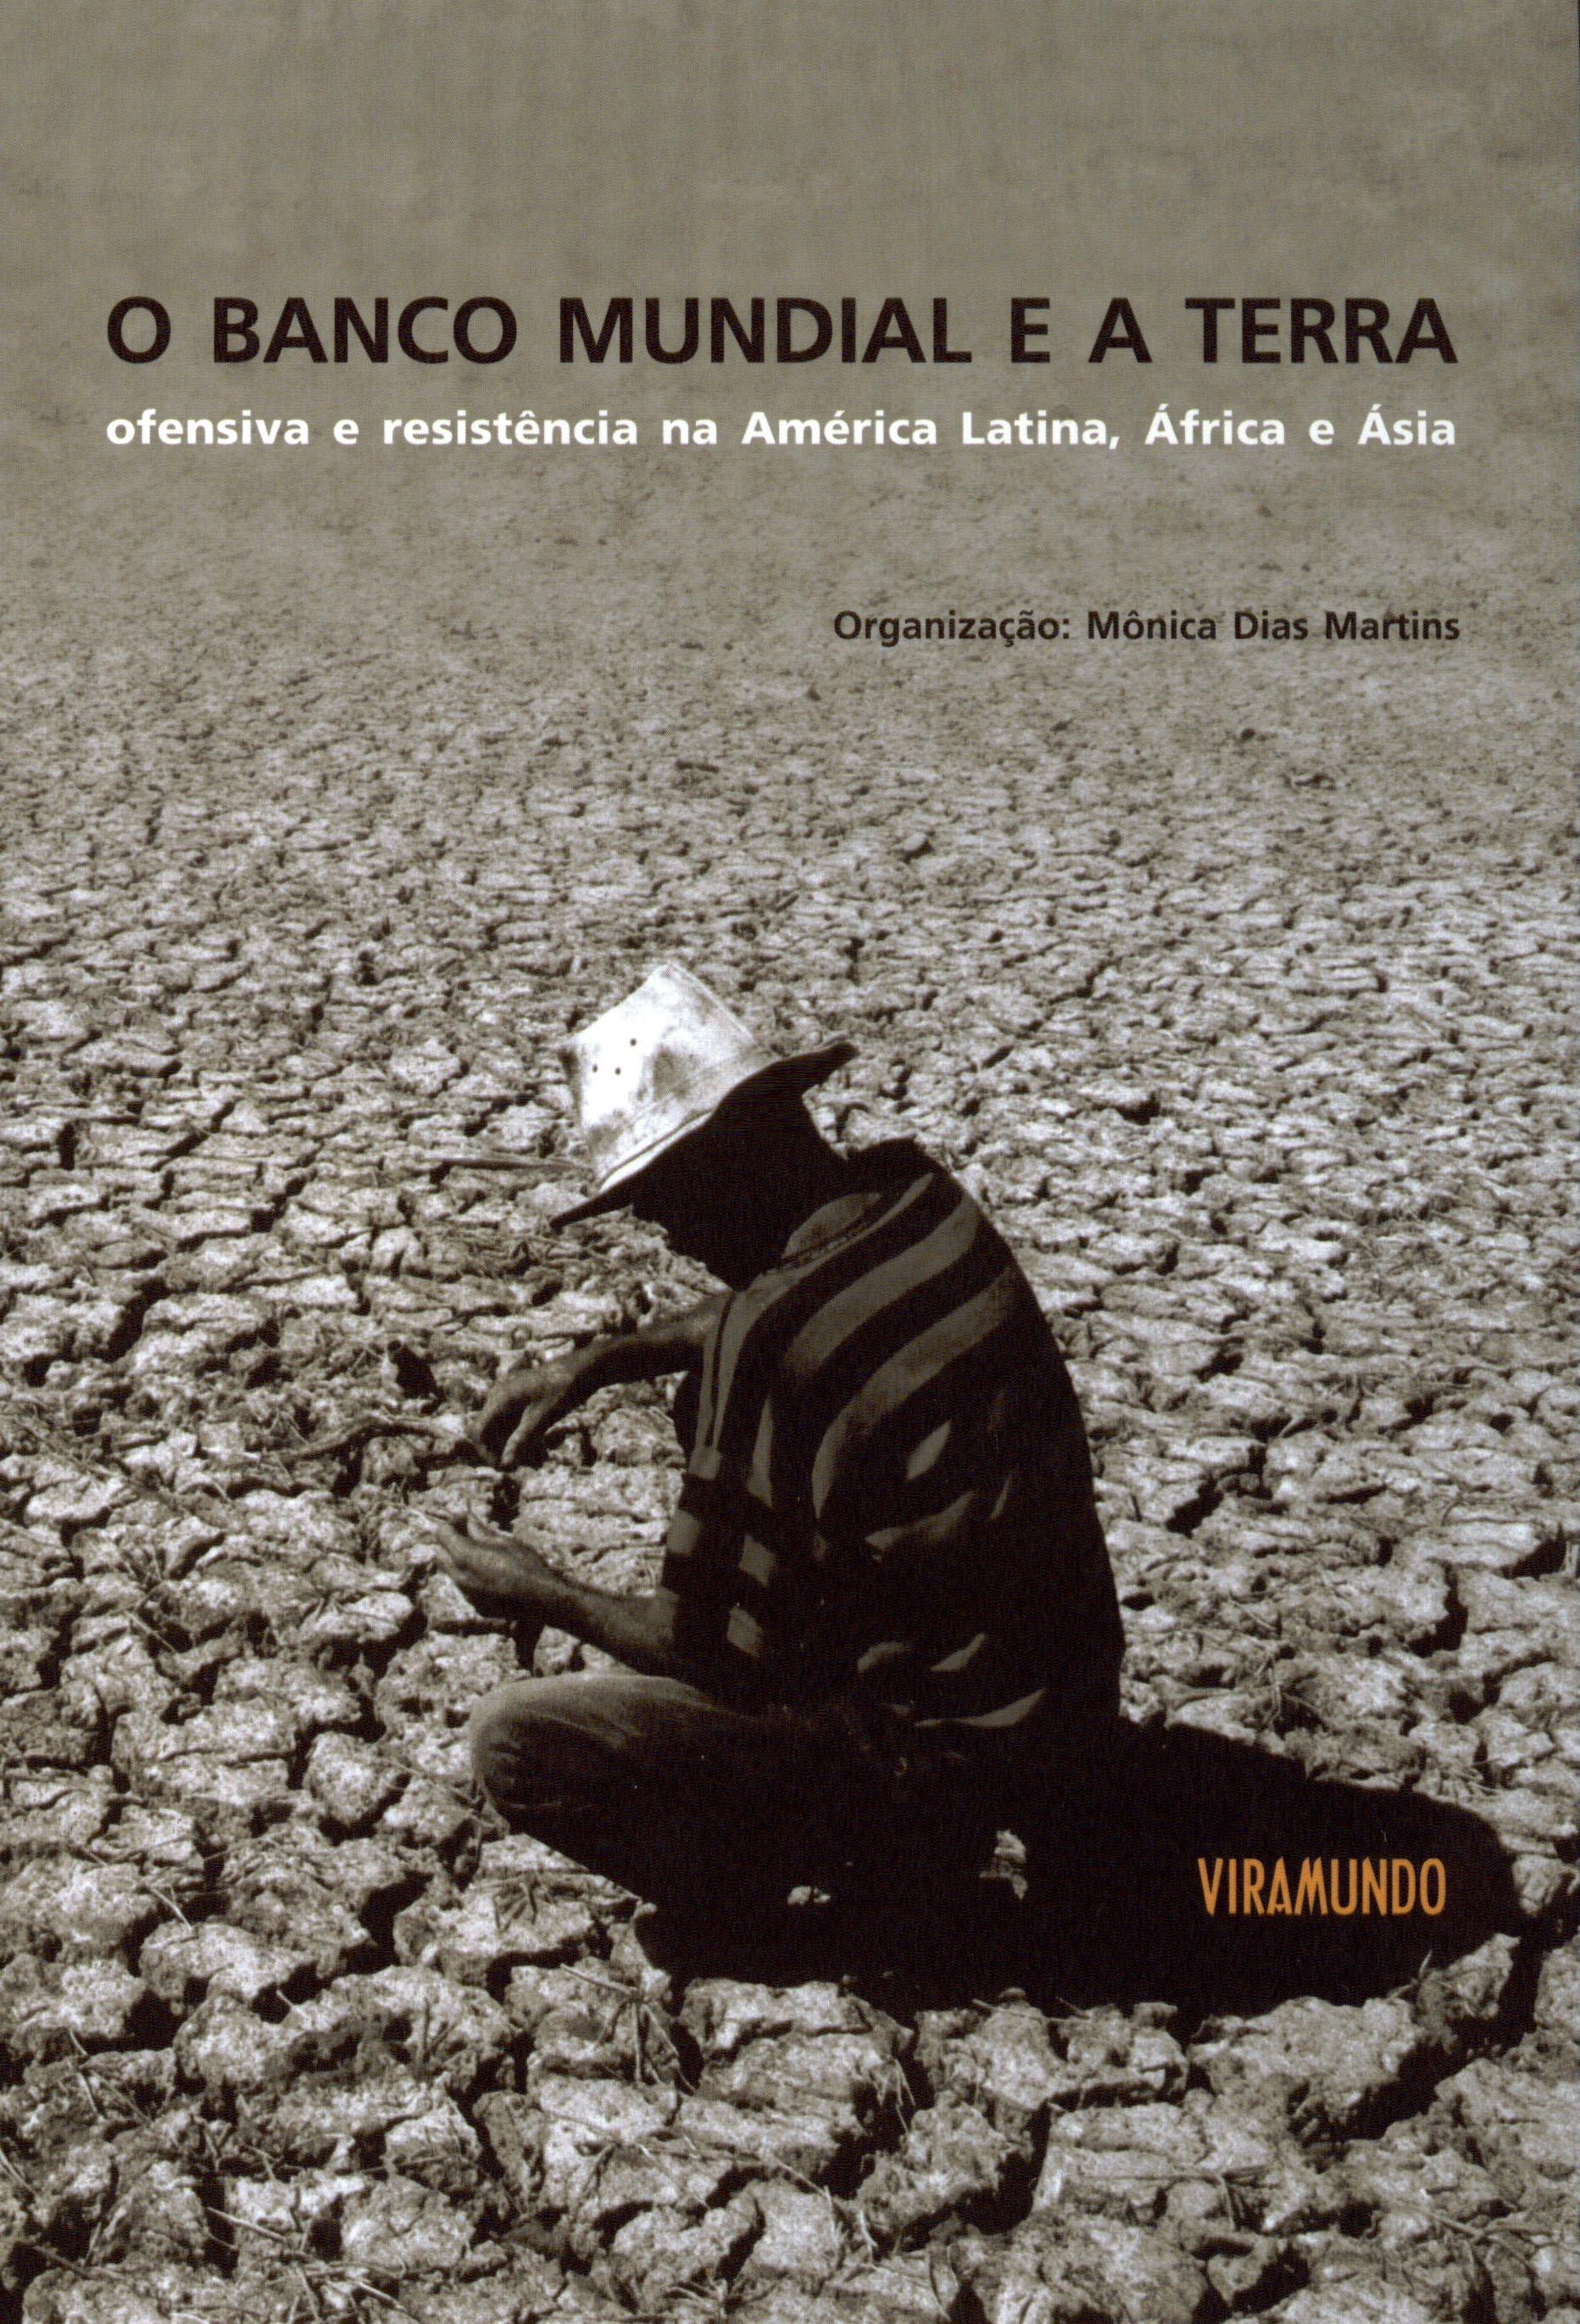 O Banco Mundial e a terra - Boitempo Editorial on